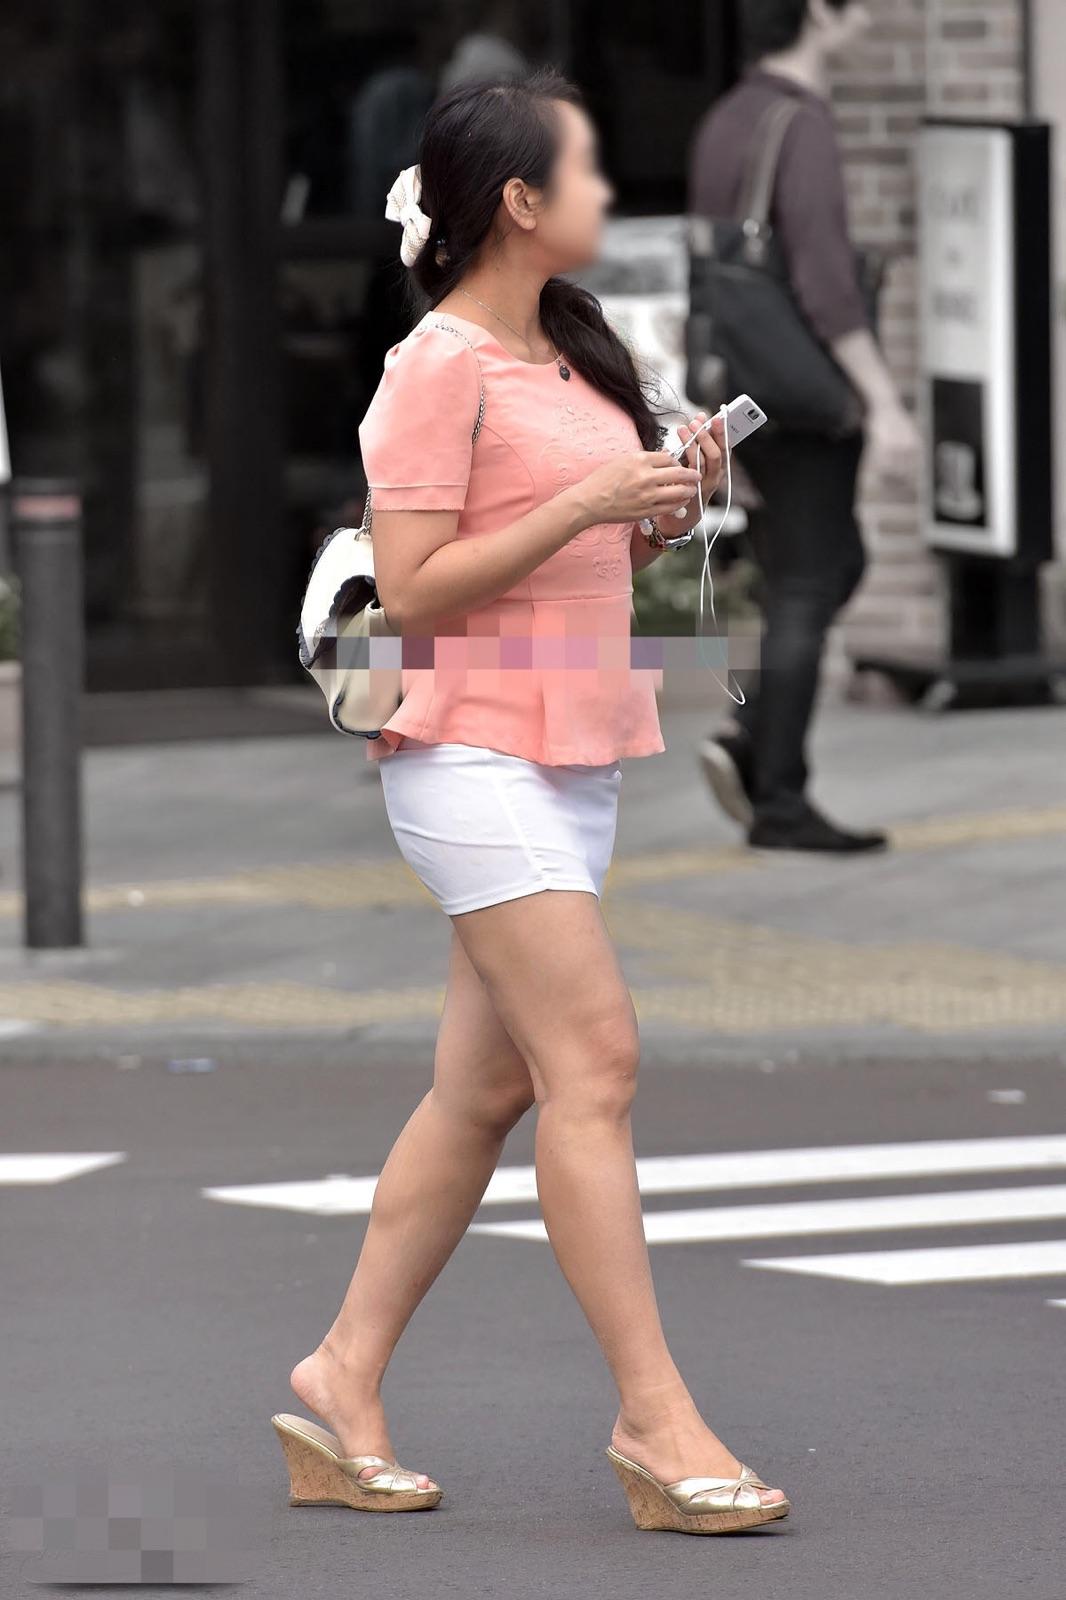 【街撮り美脚エロ画像】夏万歳!街に行けばお姉さんの綺麗な生脚が見放題(*´д`*)